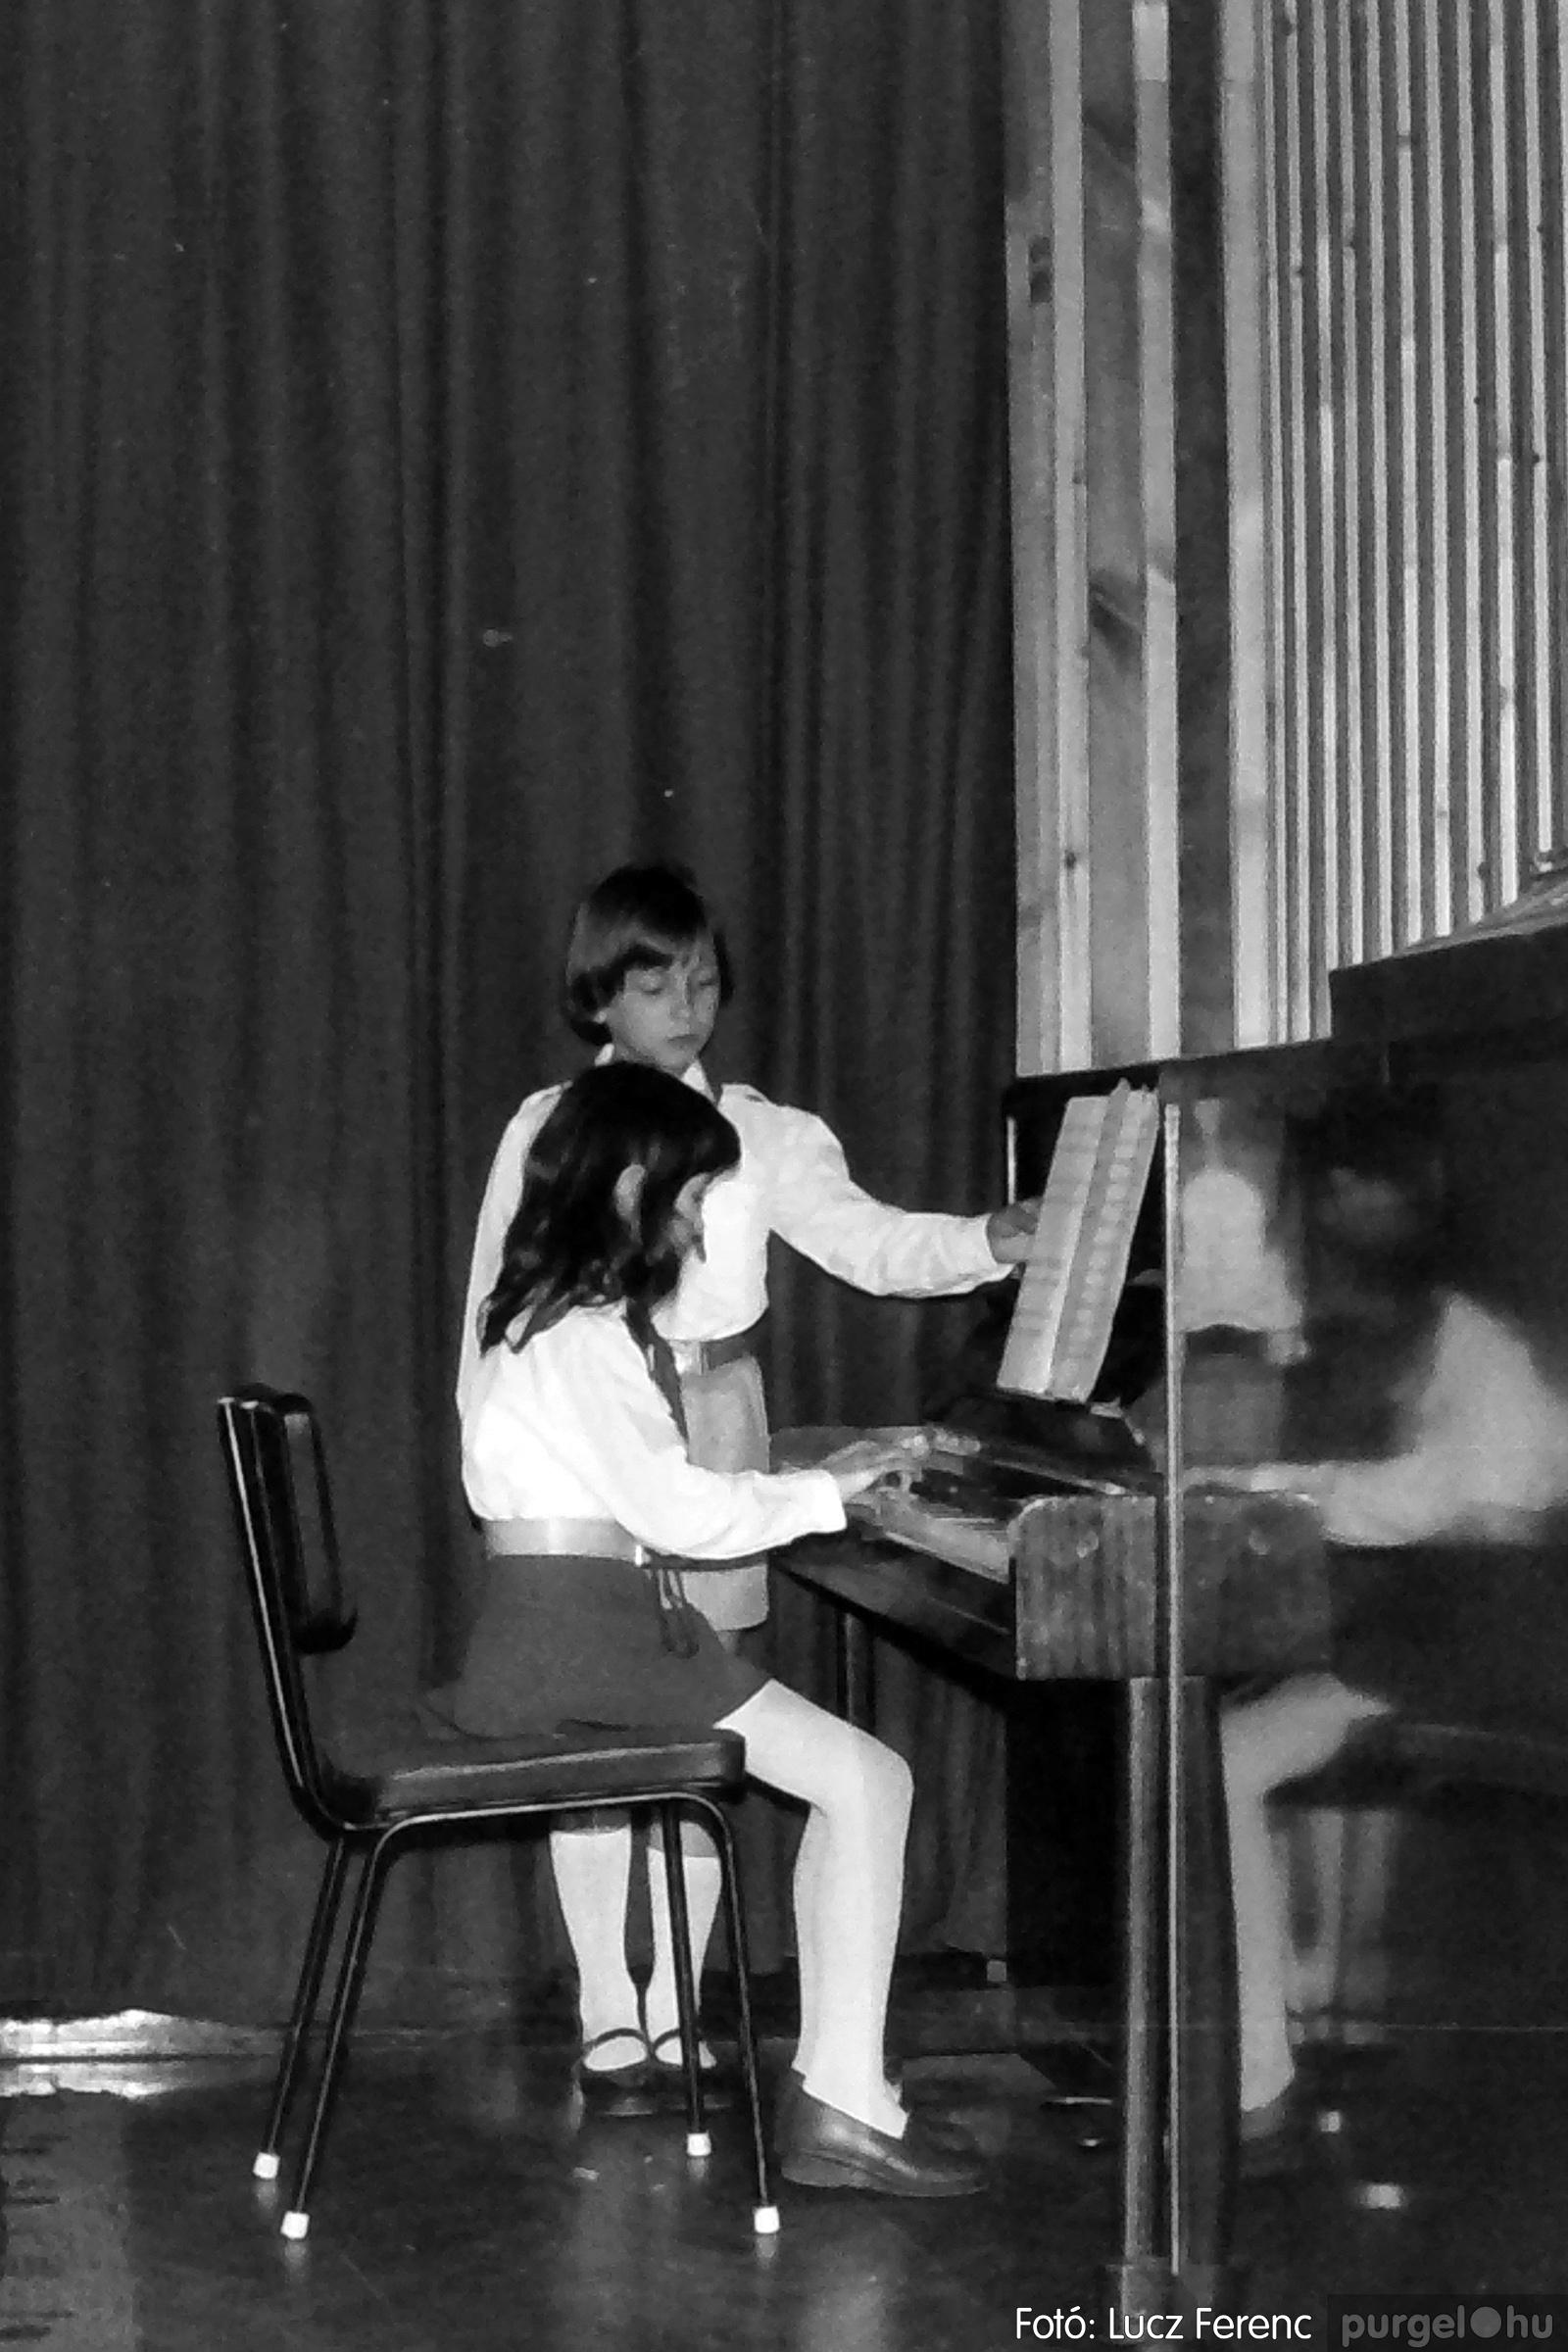 076. 1977. Iskolások fellépése a kultúrházban 023. - Fotó: Lucz Ferenc.jpg